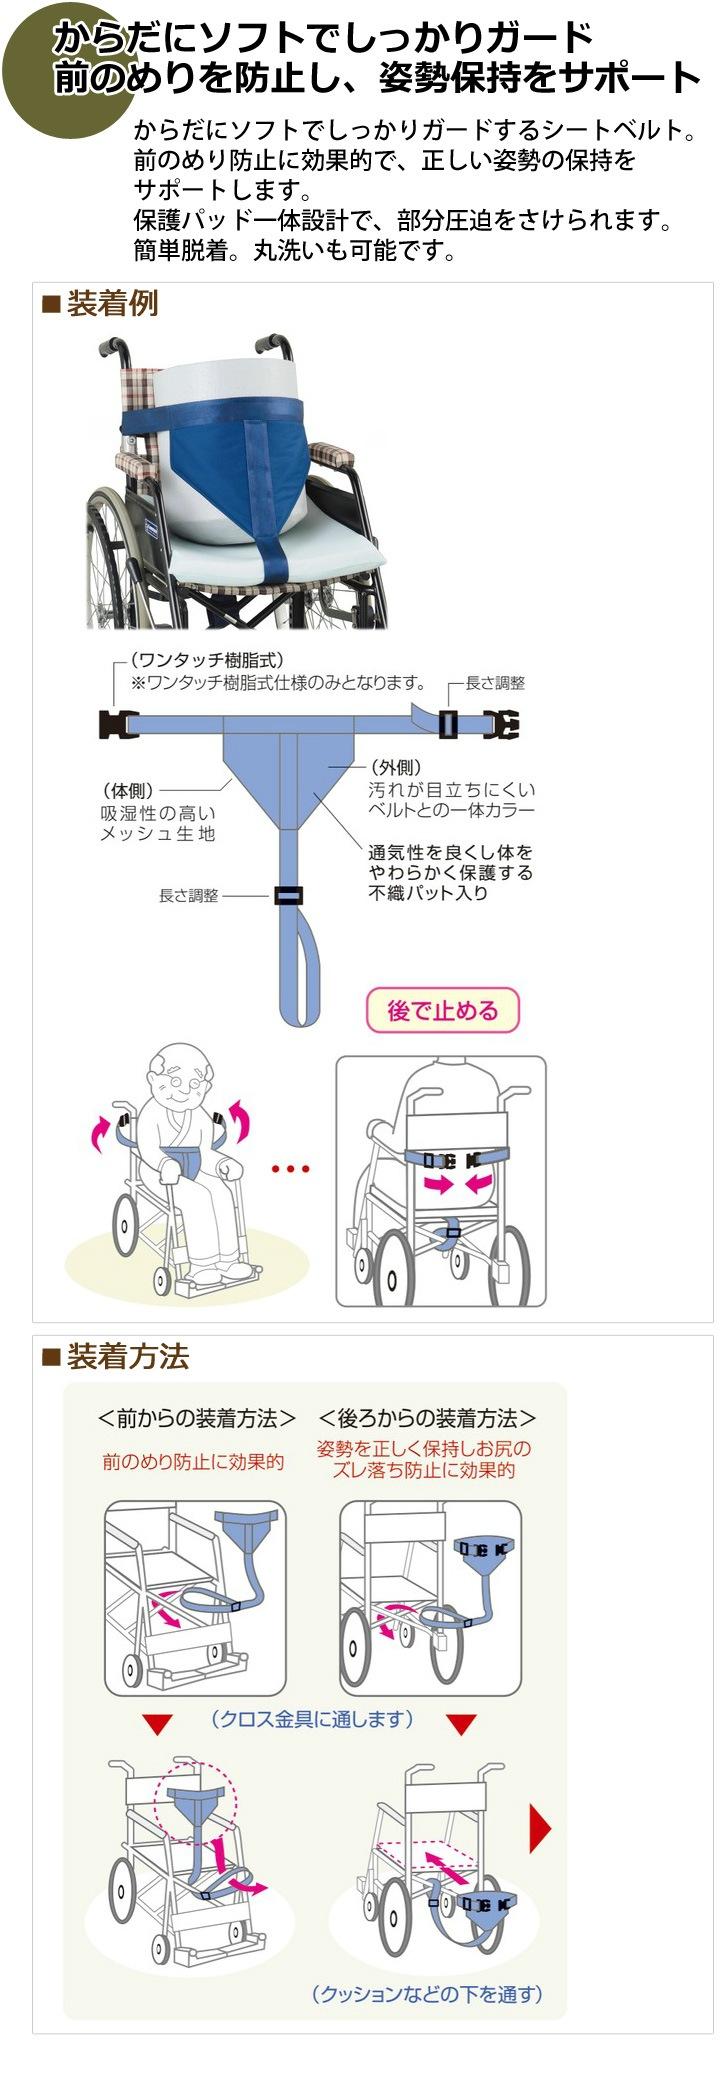 からだにソフトでしっかりガードするシートベルト。前のめりの防止、正しい姿勢の保持をサポートします。